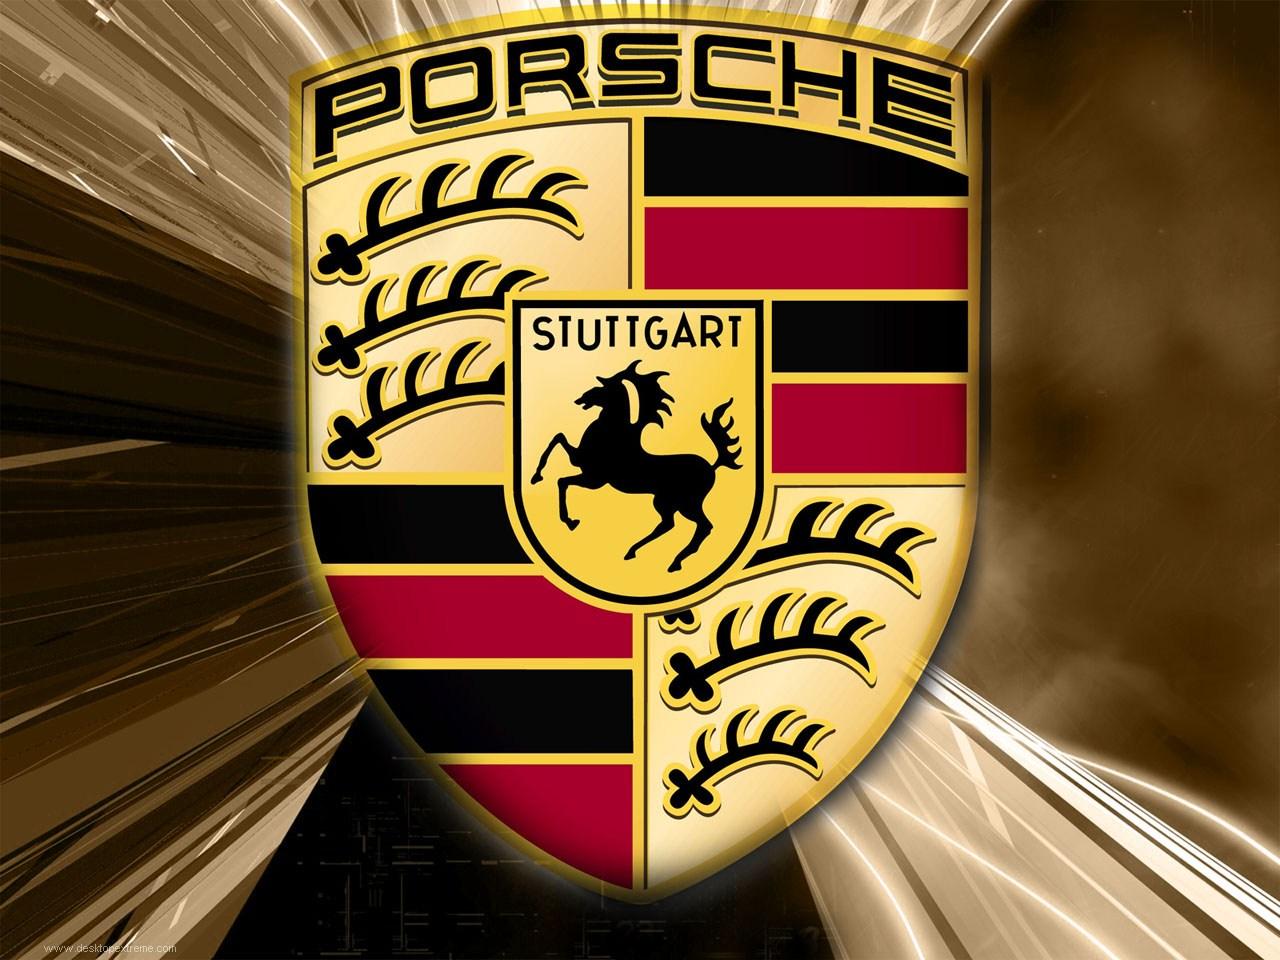 Porsche logo image